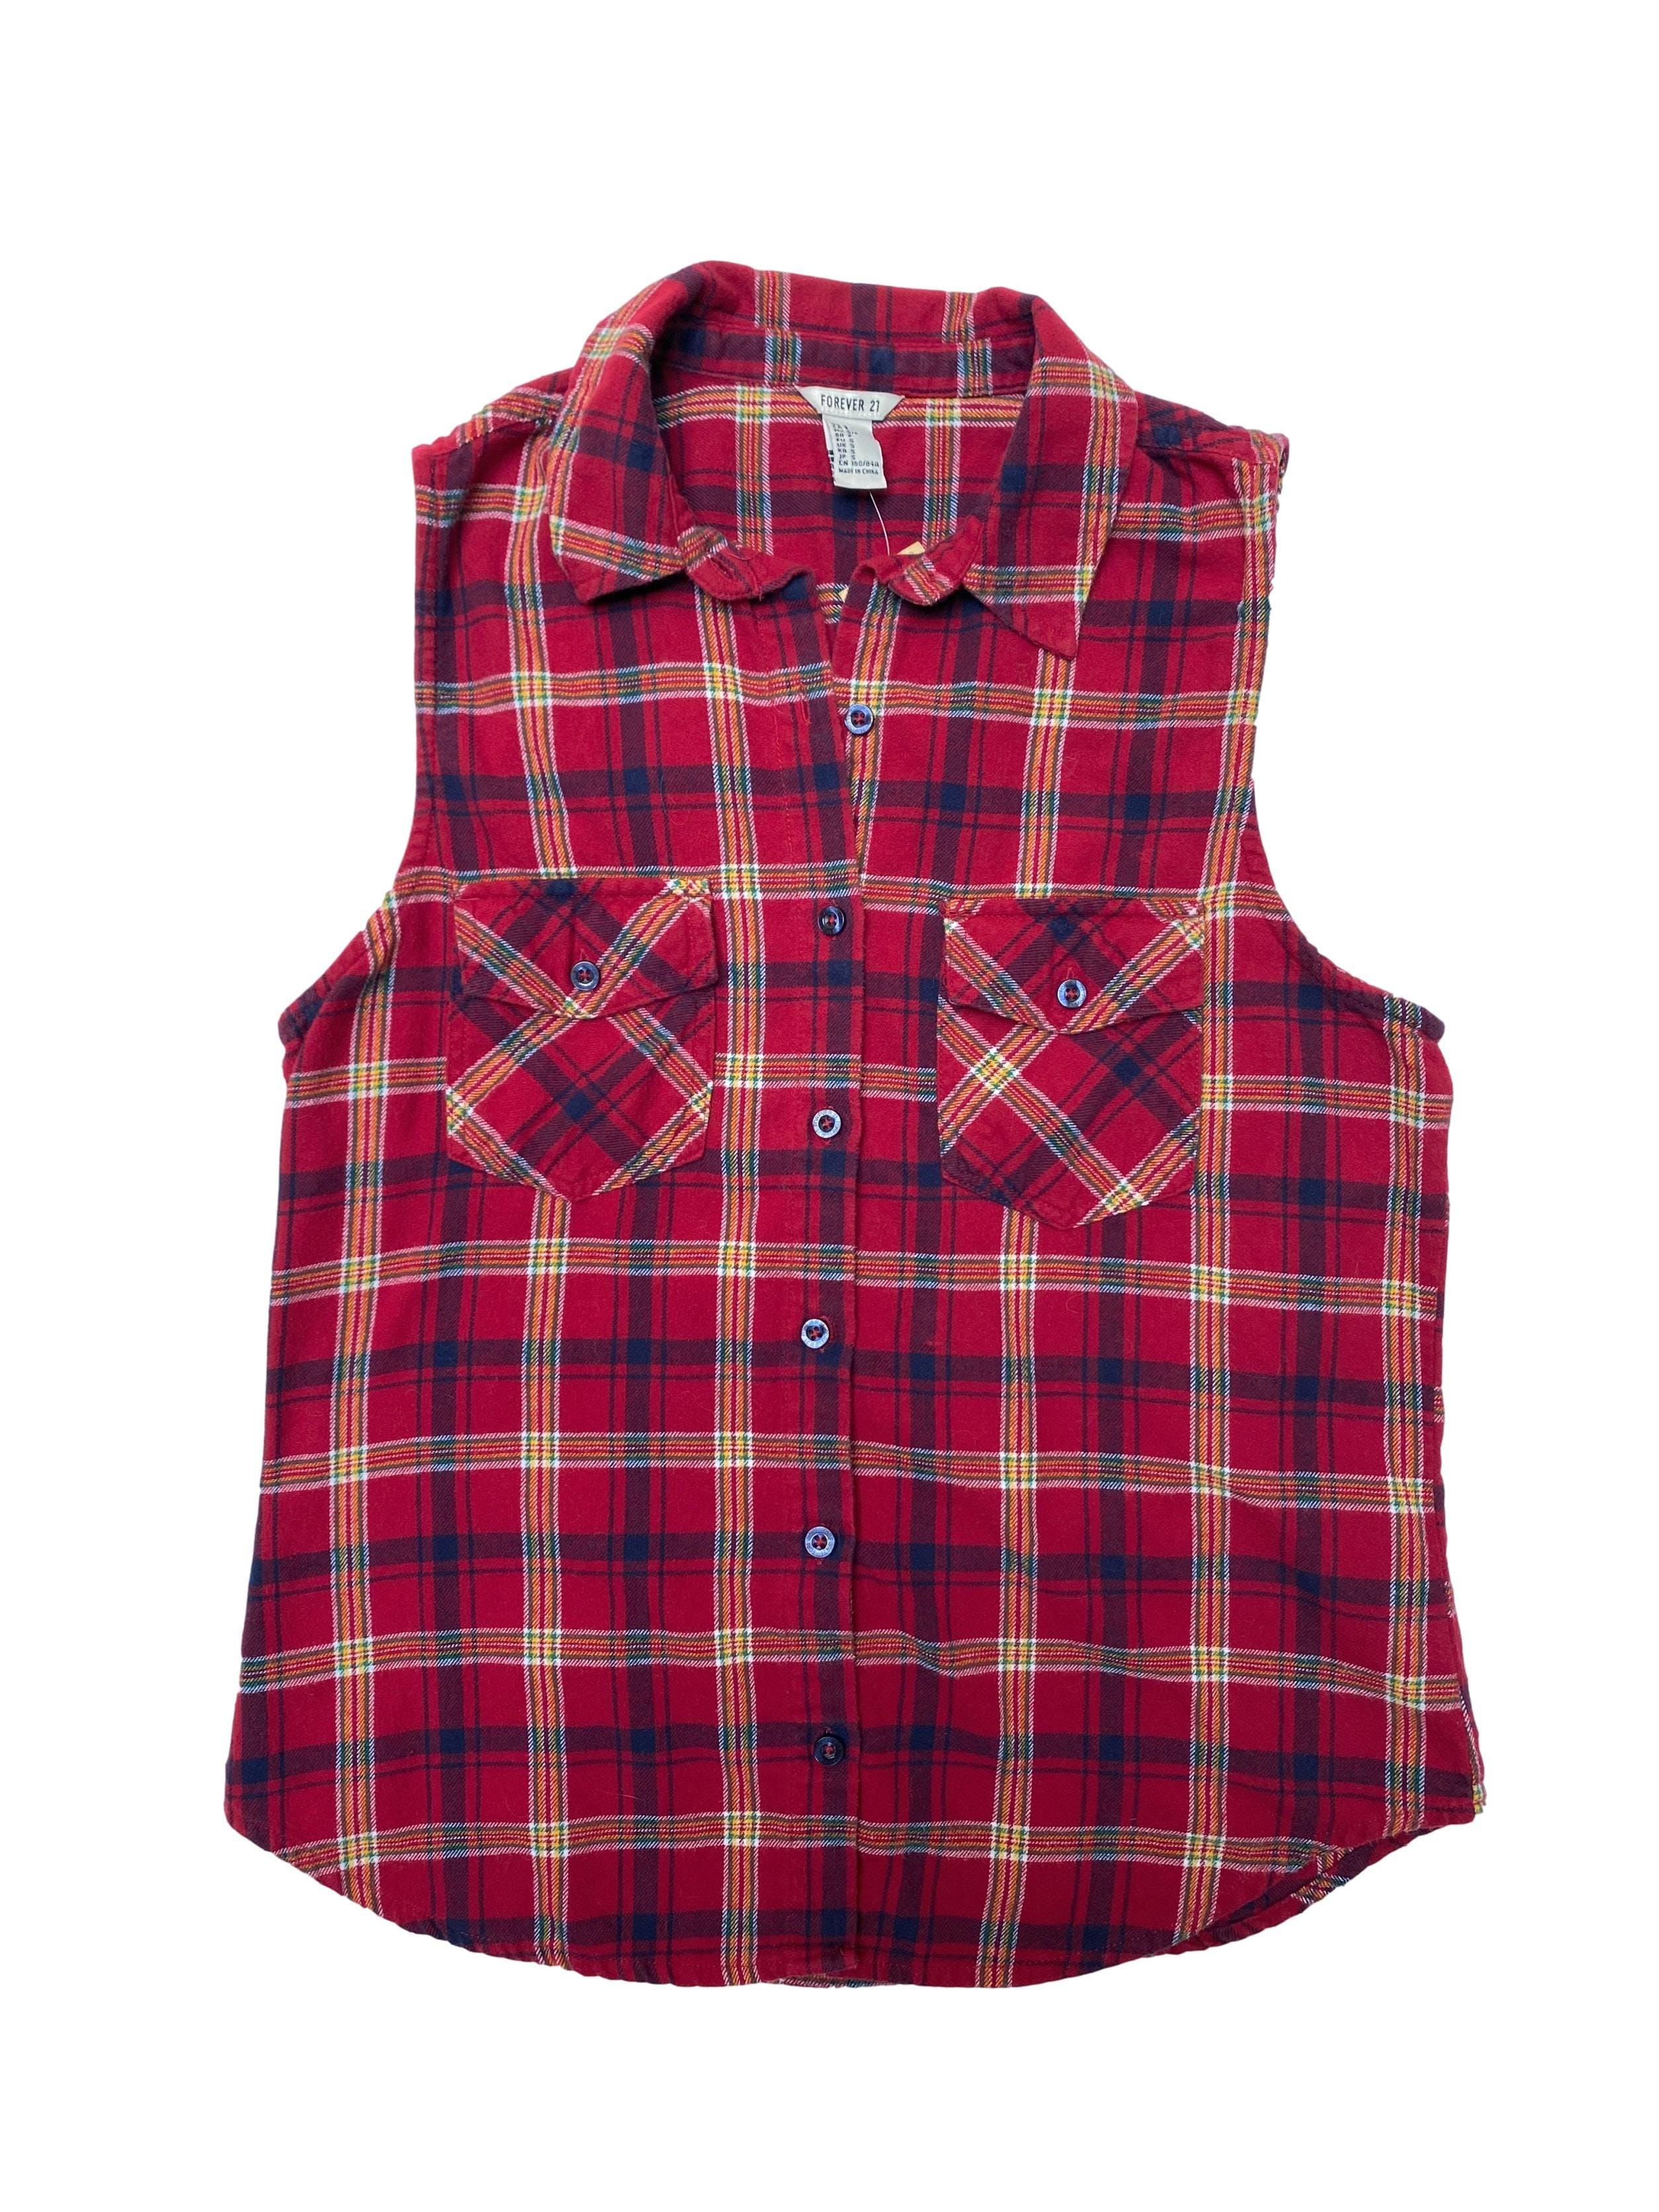 Blusa Forever21 de franela 100% algodón roja a cuadros con botones y bolsillos delanteros